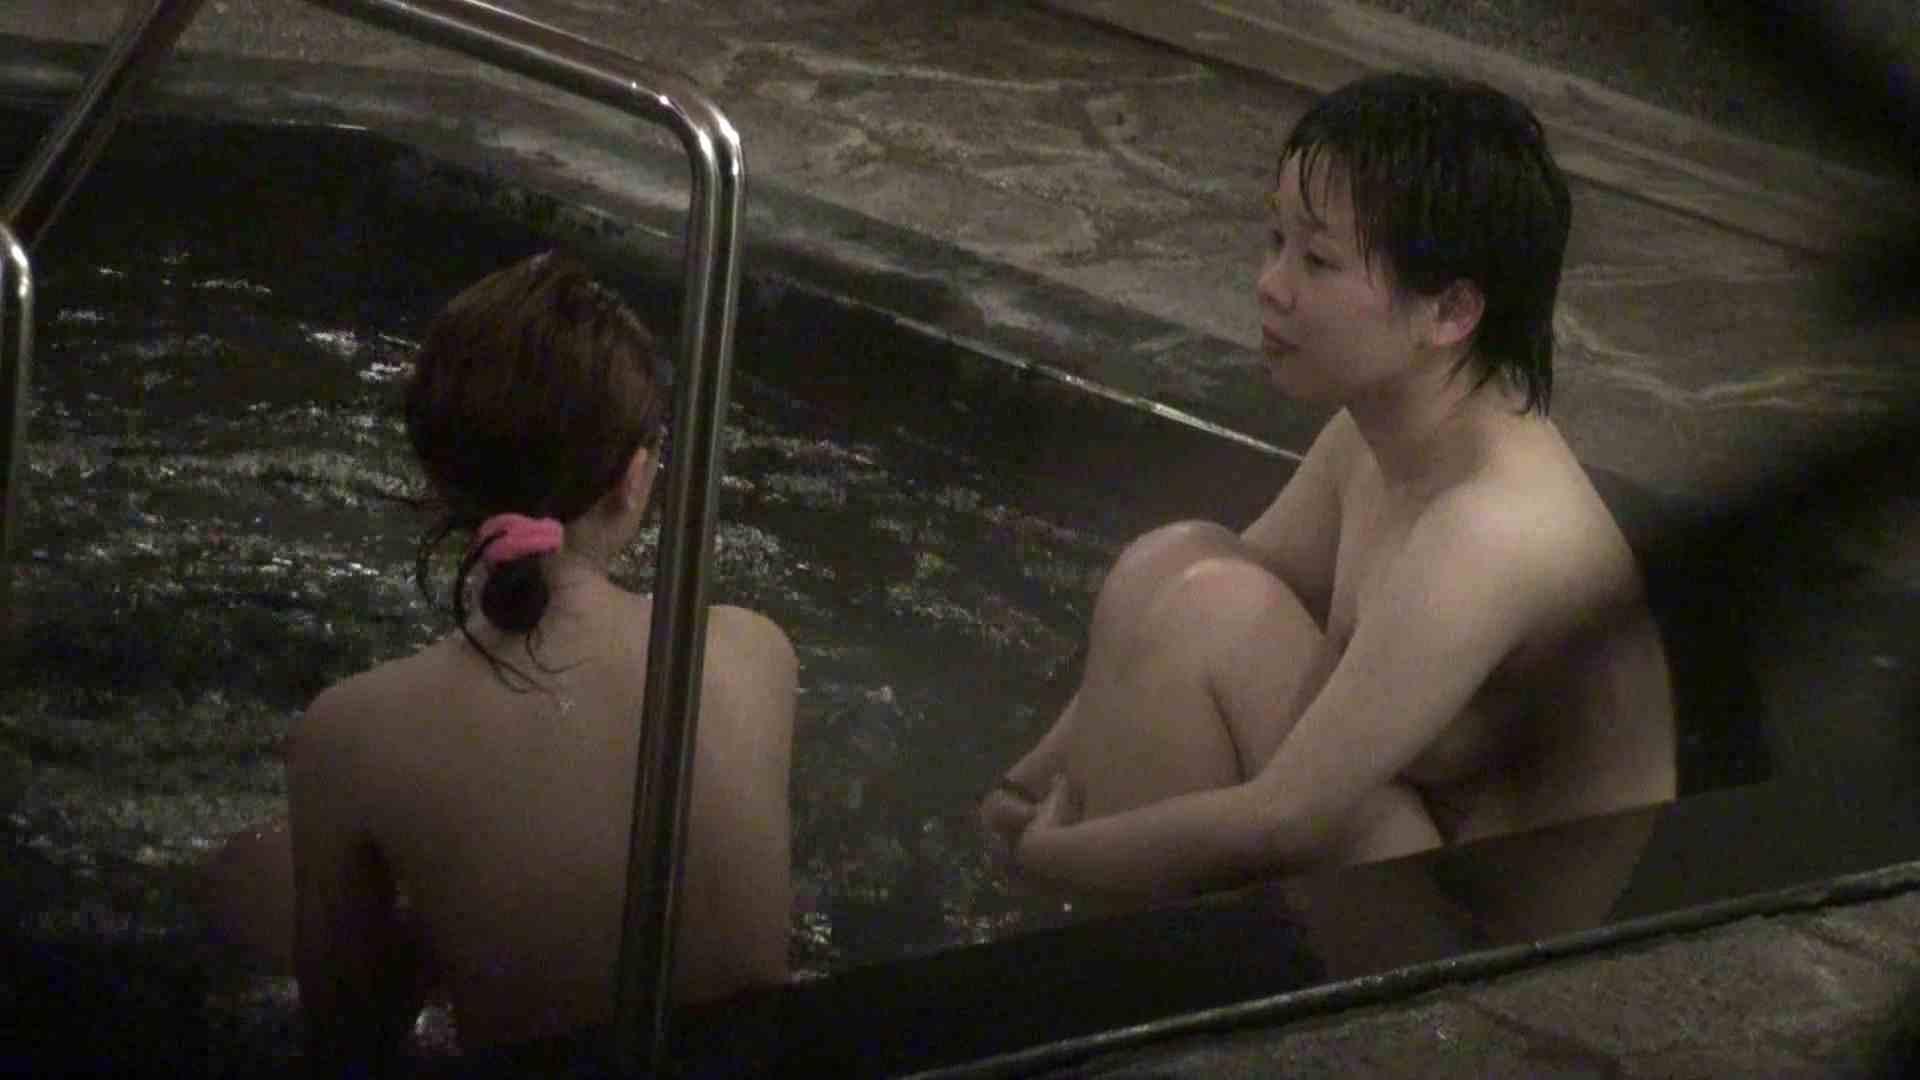 Aquaな露天風呂Vol.394 盗撮   OLのエロ生活  101連発 13